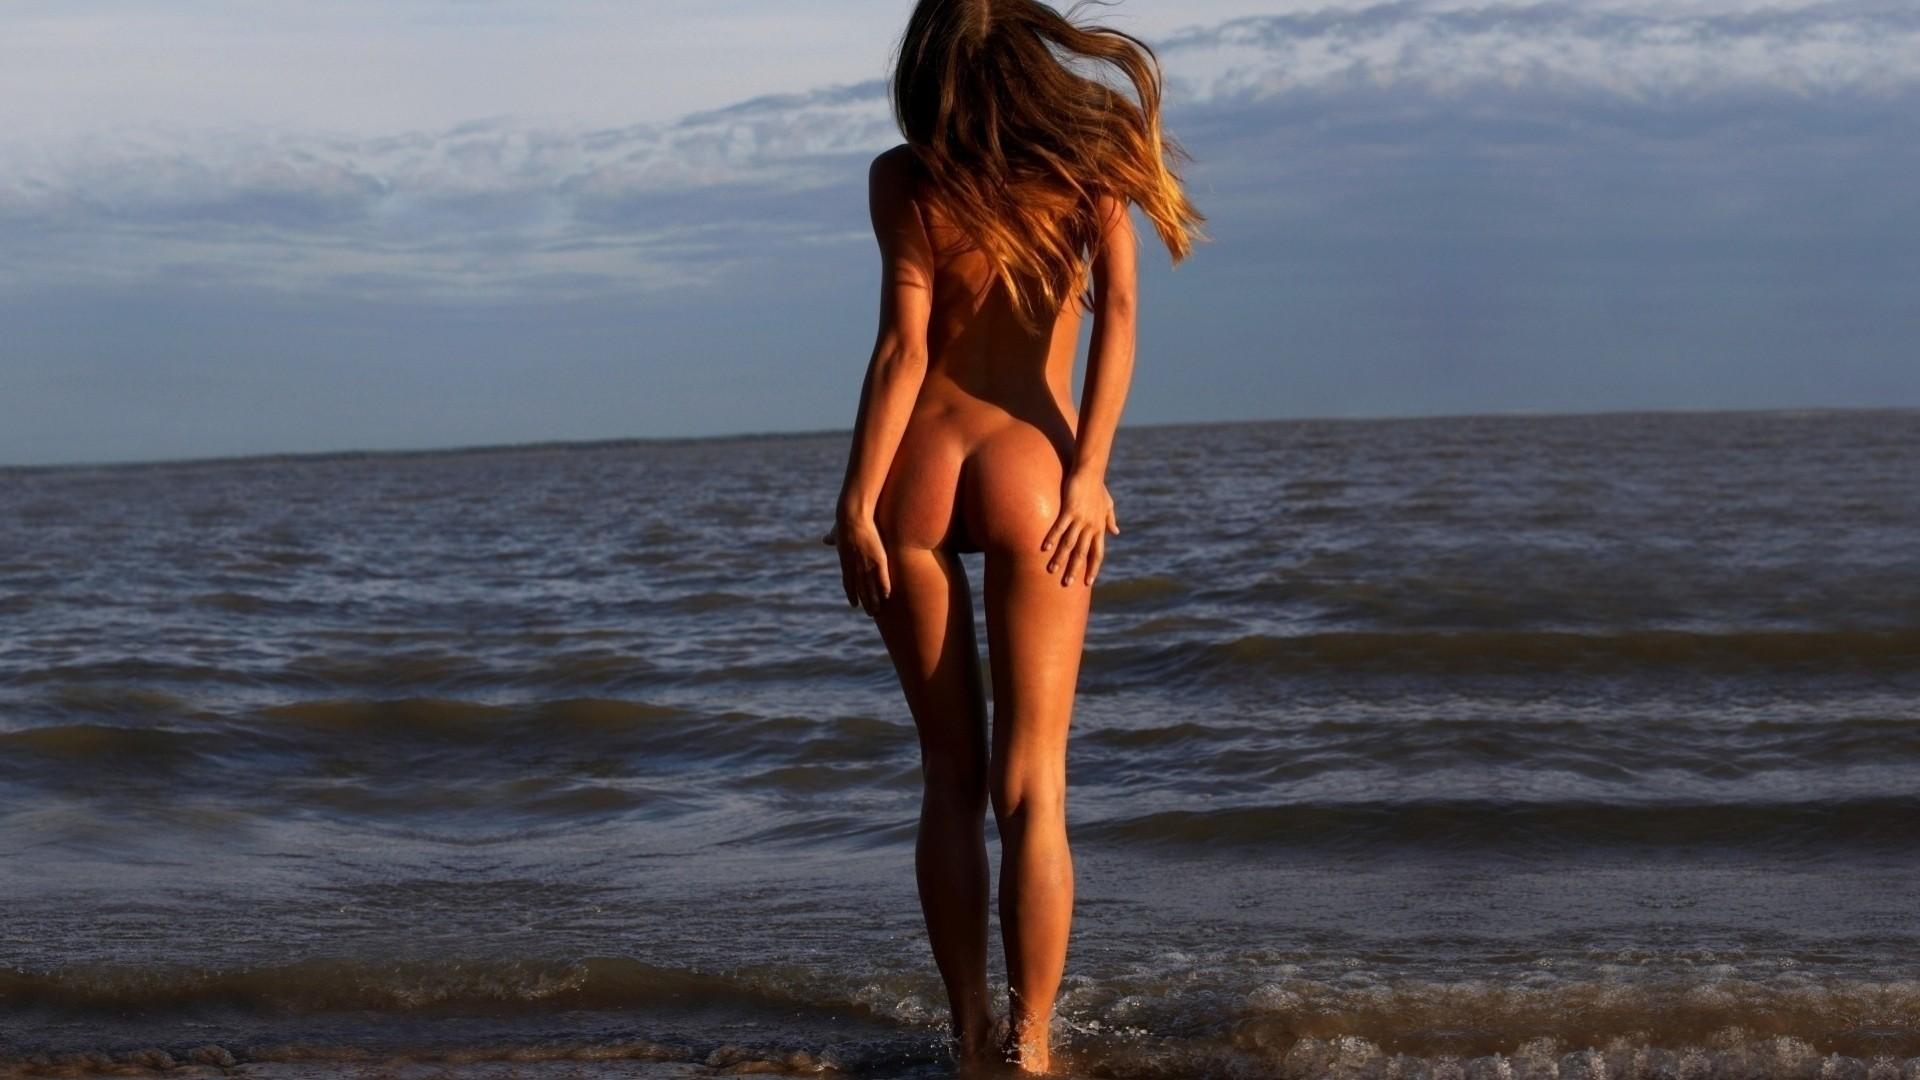 Обнаженная женская спина сзади на пляже фото